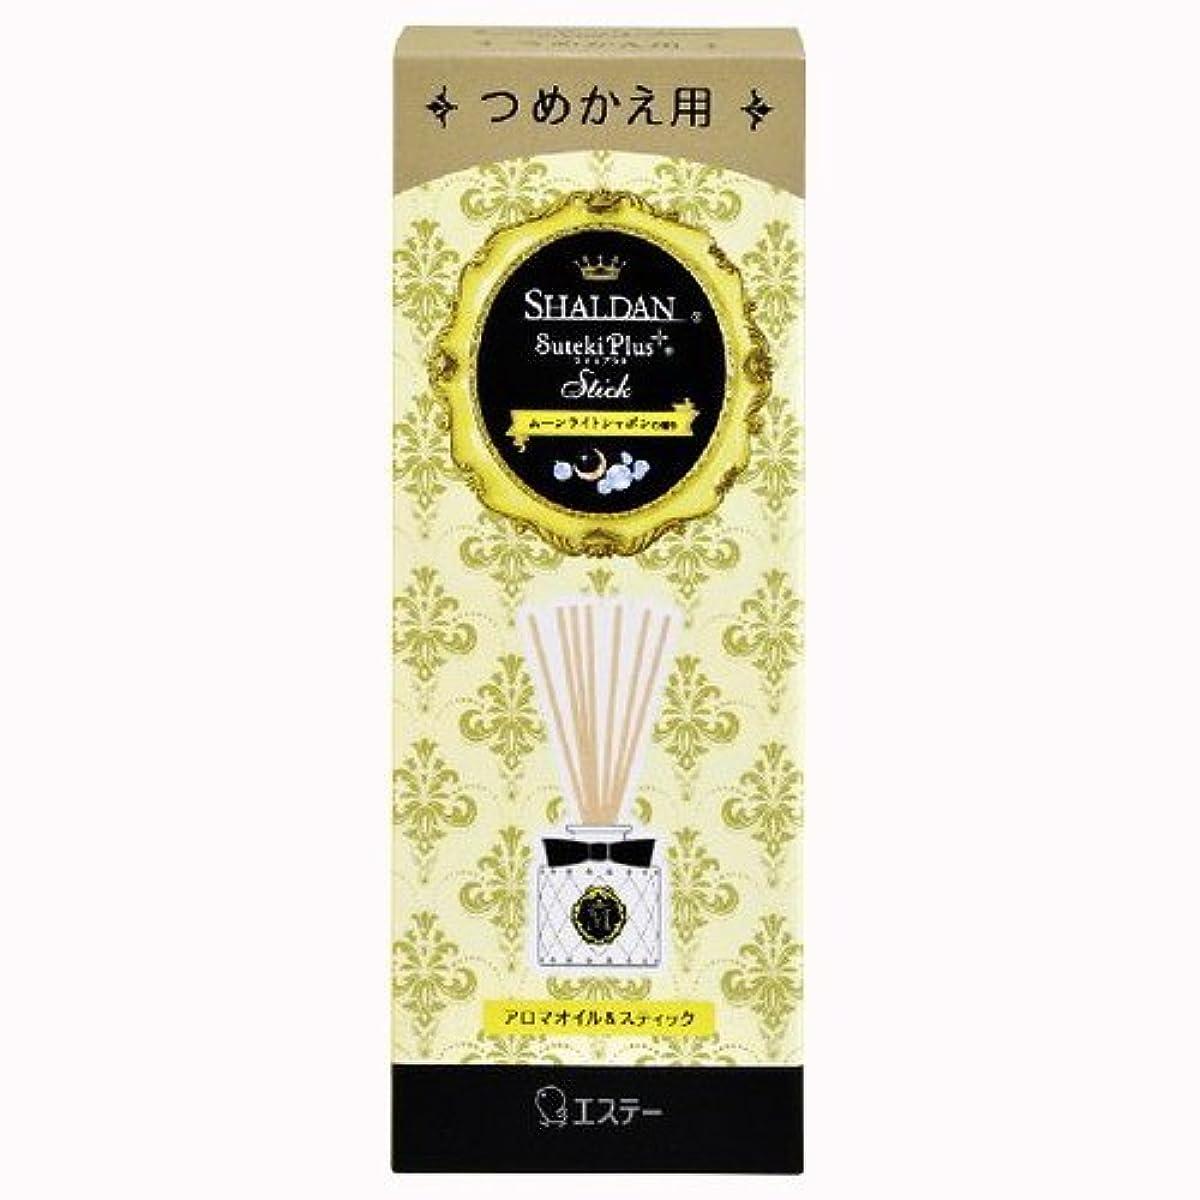 相対サイズ見つけた作業SHALDAN(シャルダン) ステキプラス Stick つめかえ ムーンライトシャボンの香り × 5個セット